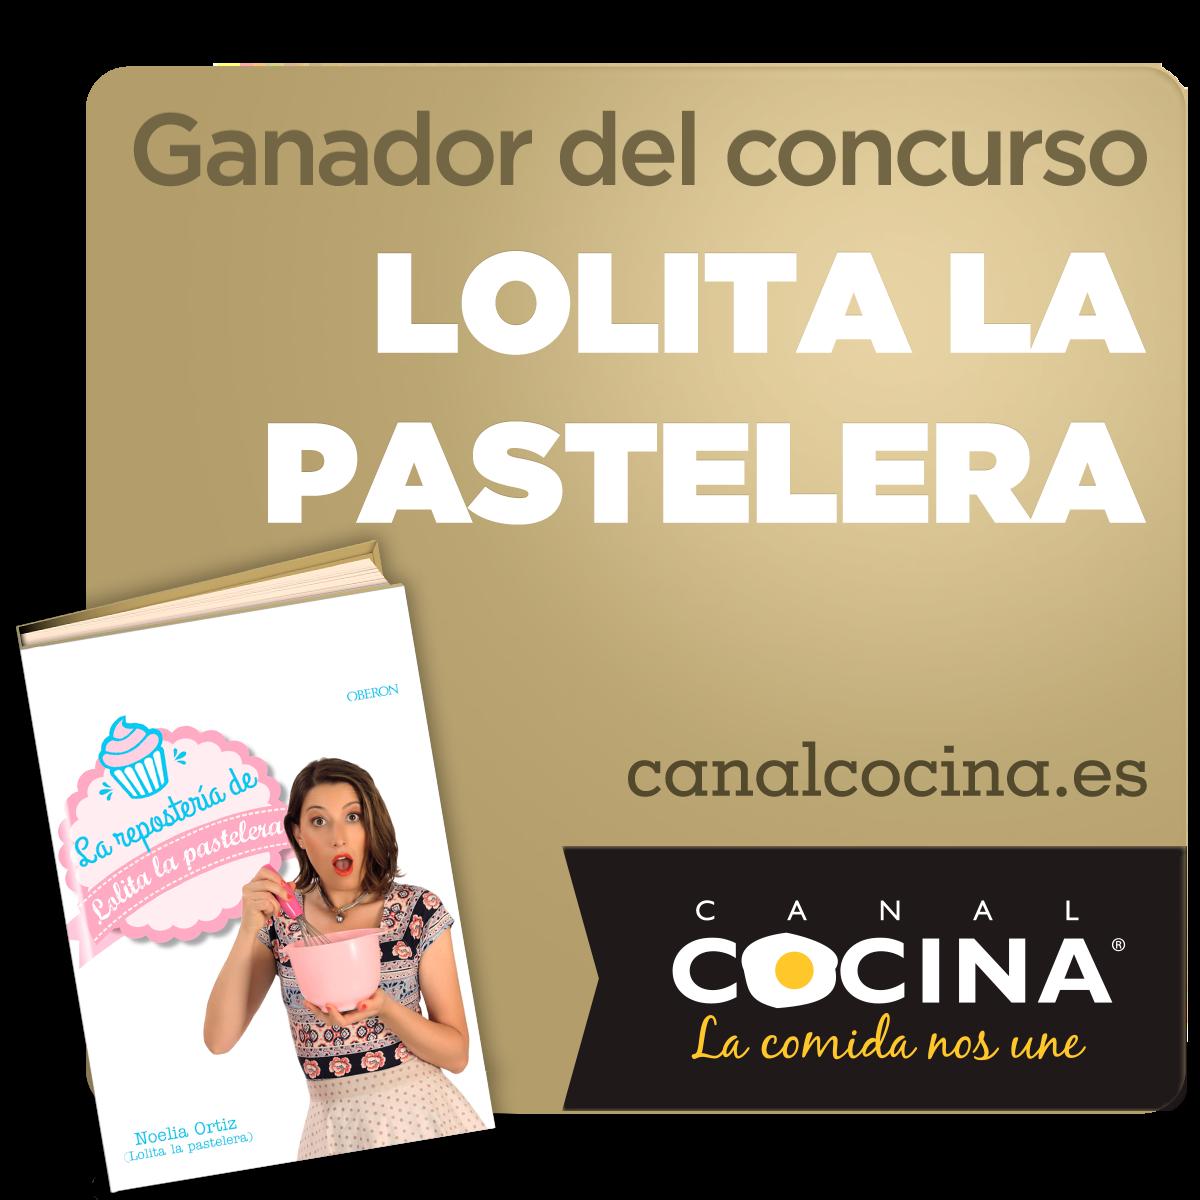 Ganadora concurso Canal cocina Lolita la pastelera